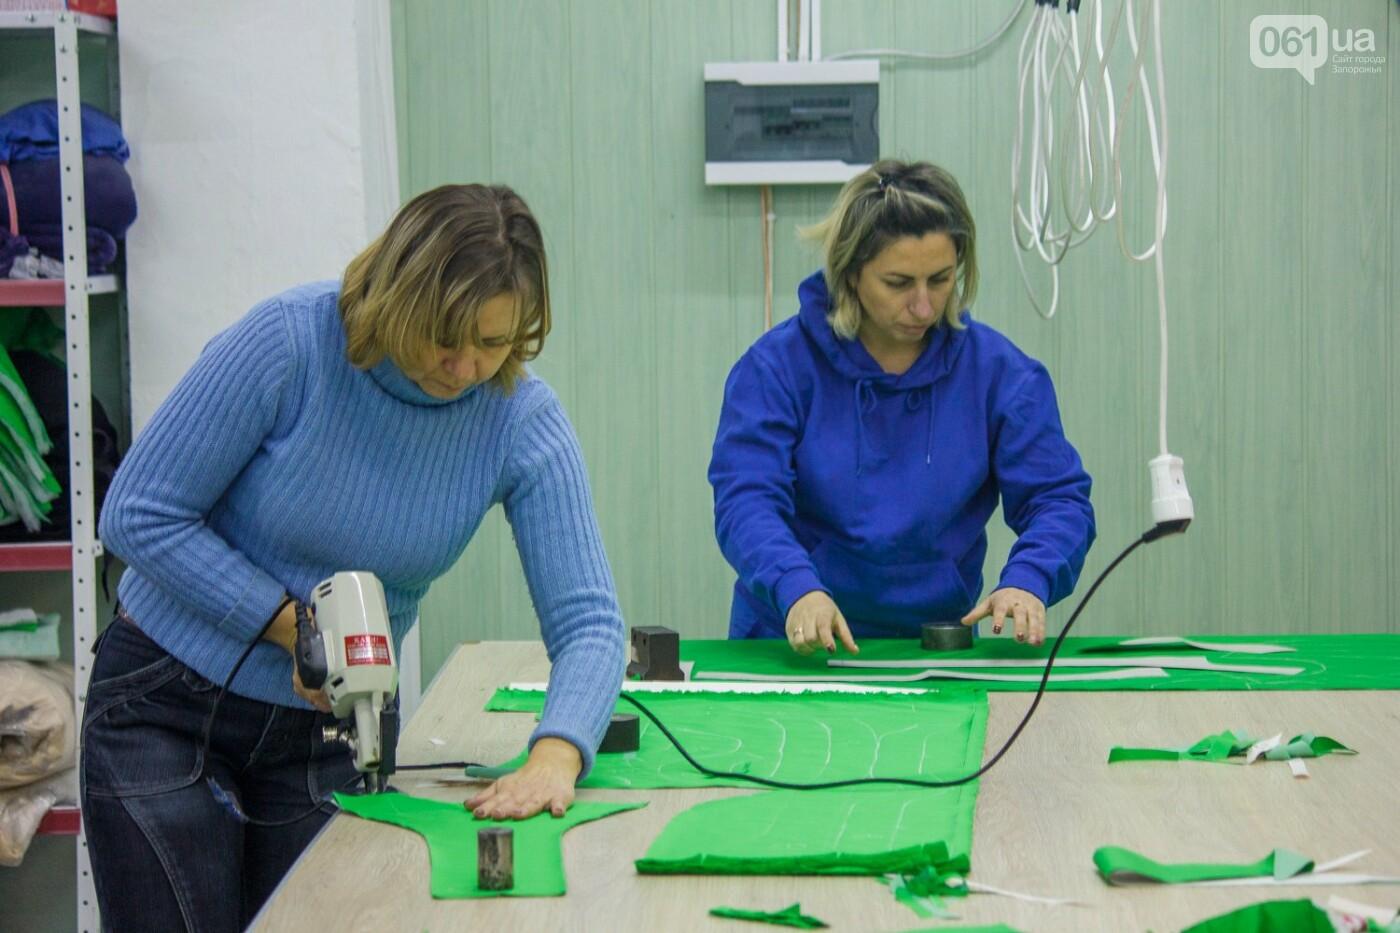 Как в Запорожье шьют мужское белье: экскурсия на трикотажную фабрику, – ФОТОРЕПОРТАЖ, фото-9